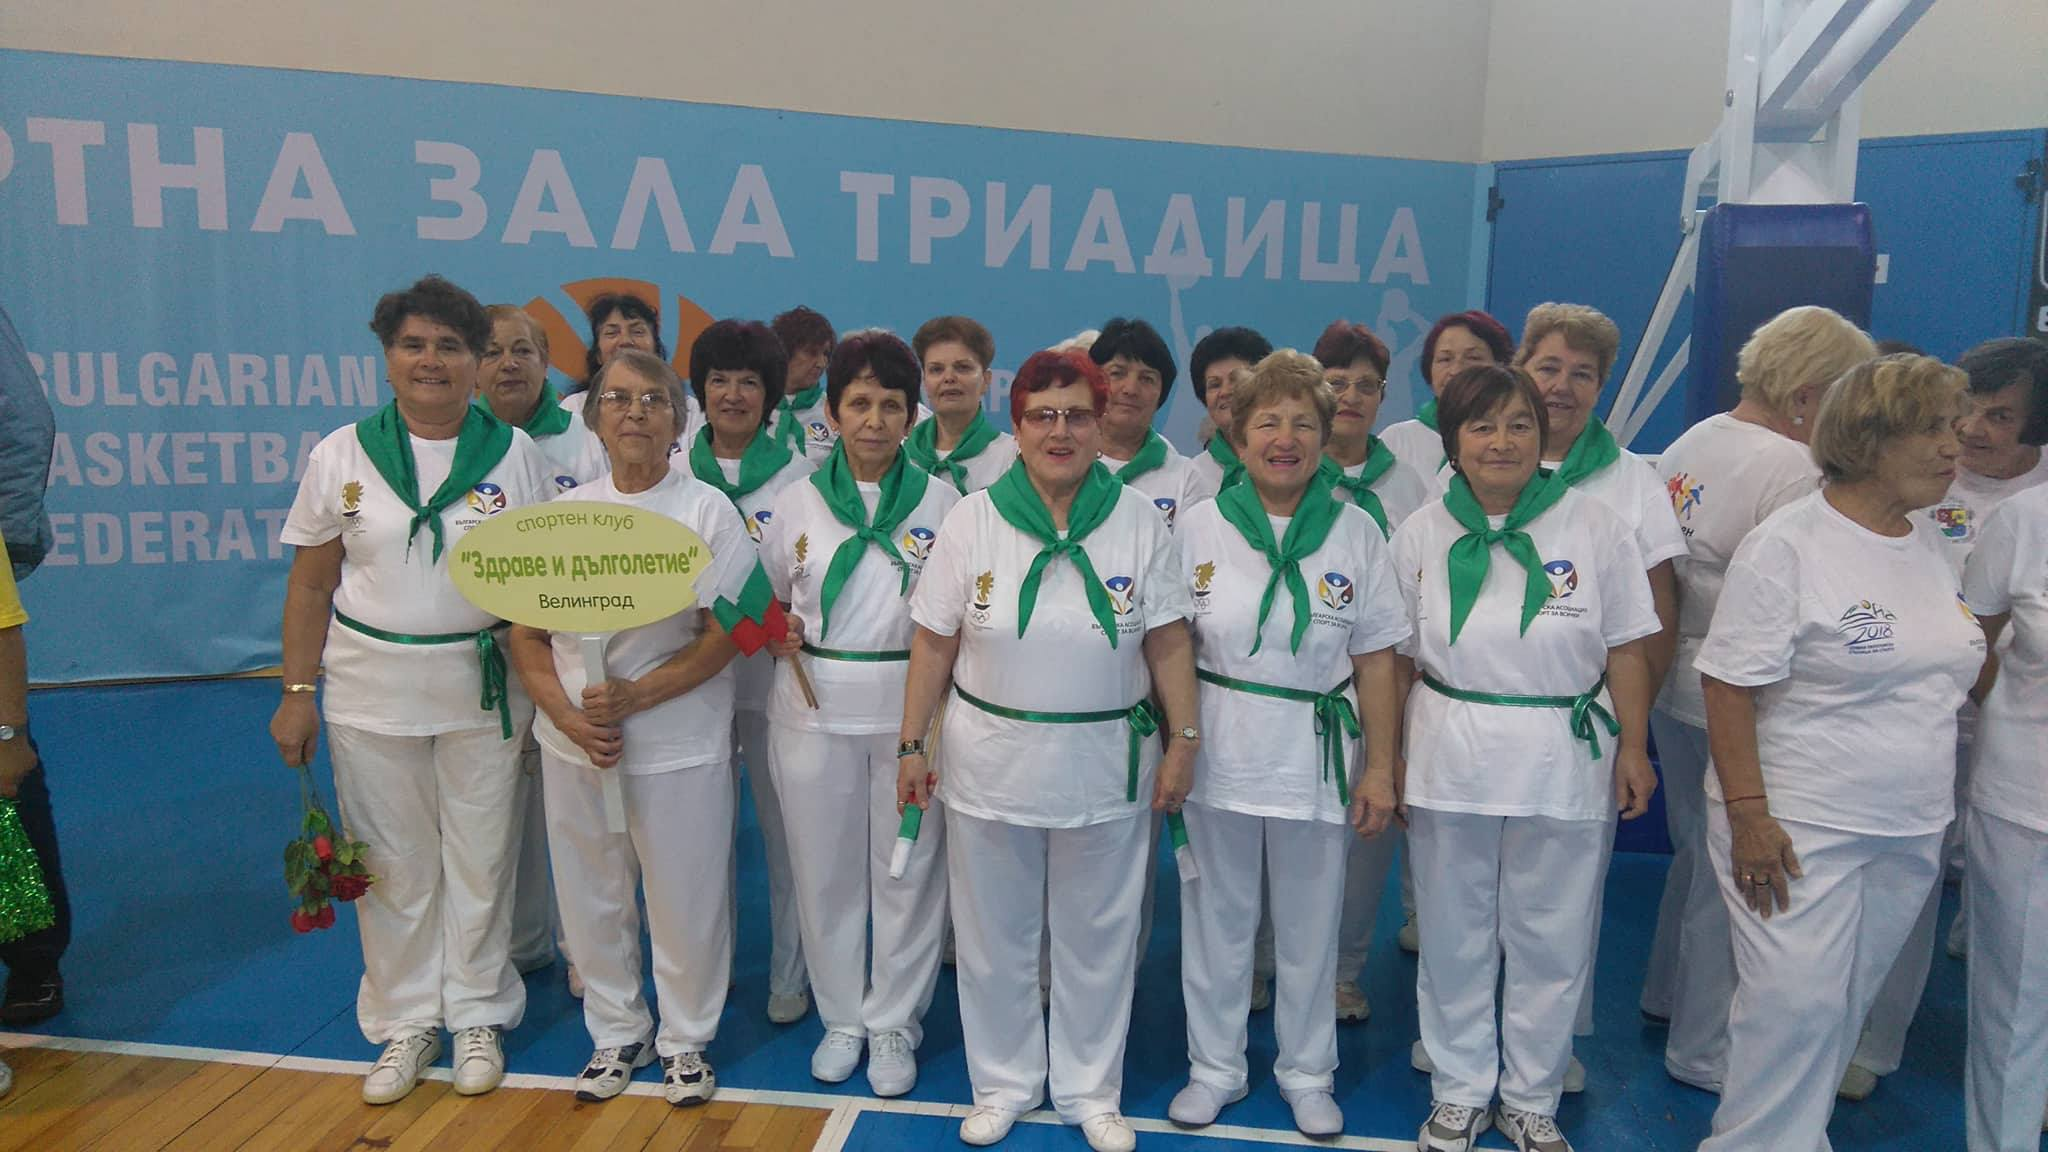 """Велинградски дами с млади сърца се включиха в празника """"Спорт, здраве и дълголетие"""""""